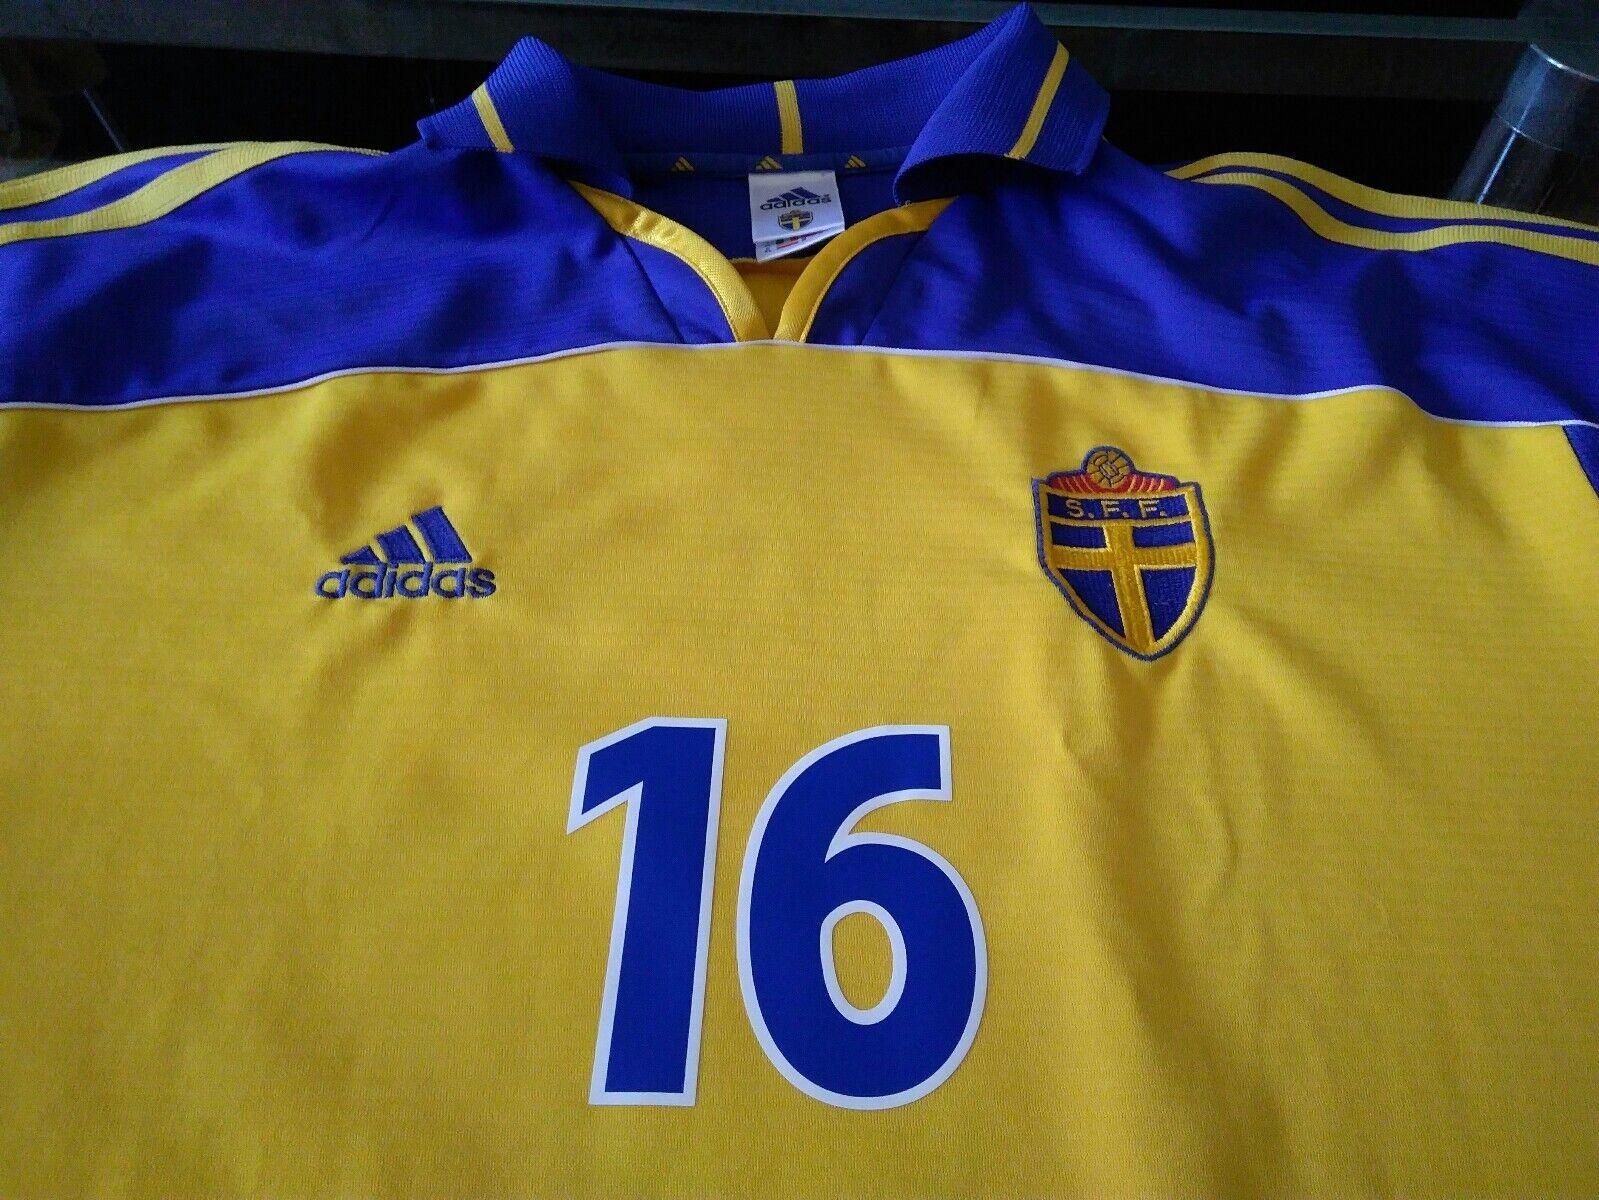 Maglia Svezia  16 Ibrahimovic Sweden 2001 shirt trikot maillot issue Sverige